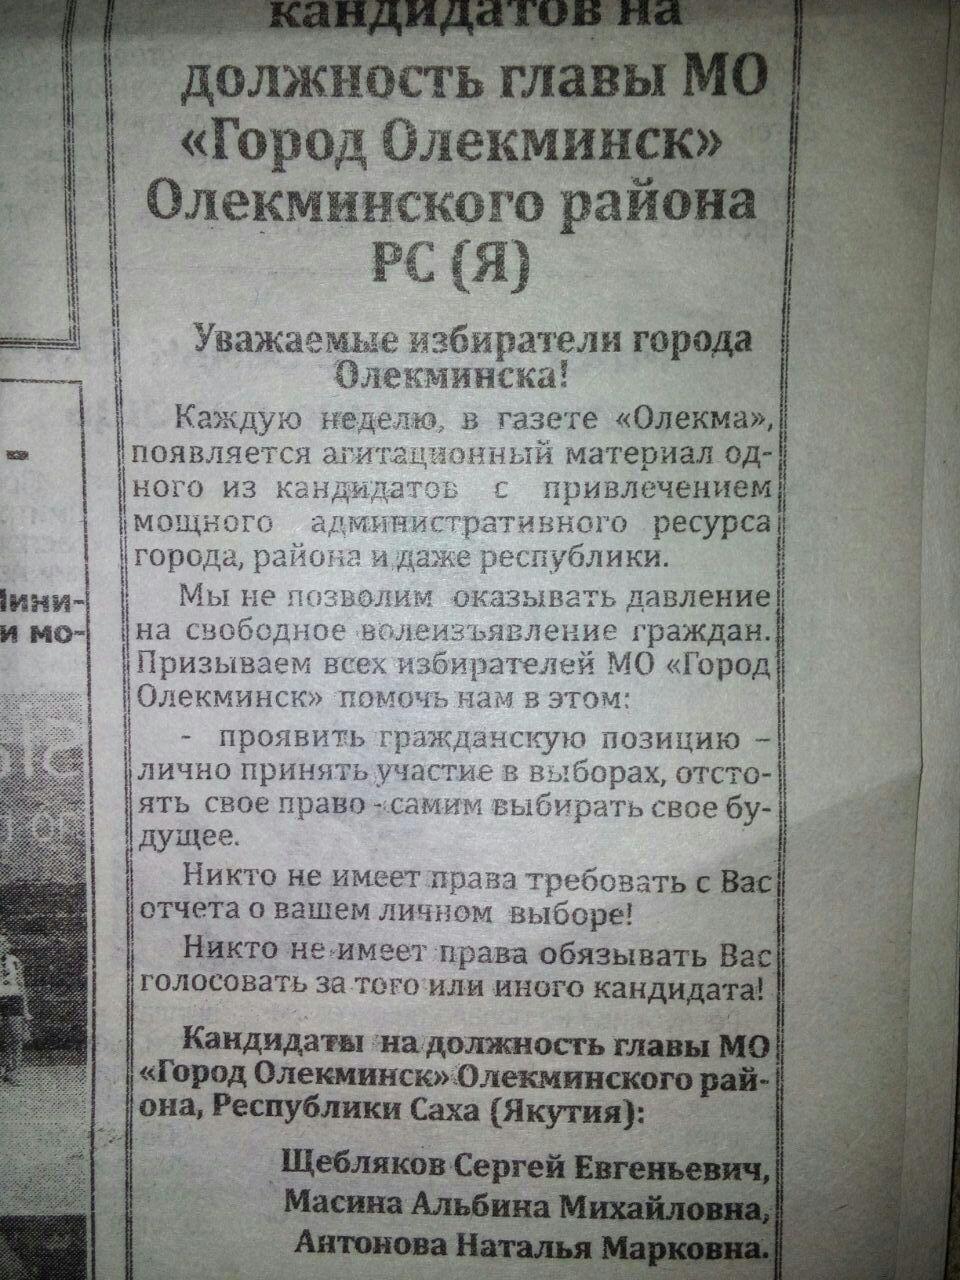 Олекминск. Выборы мэра